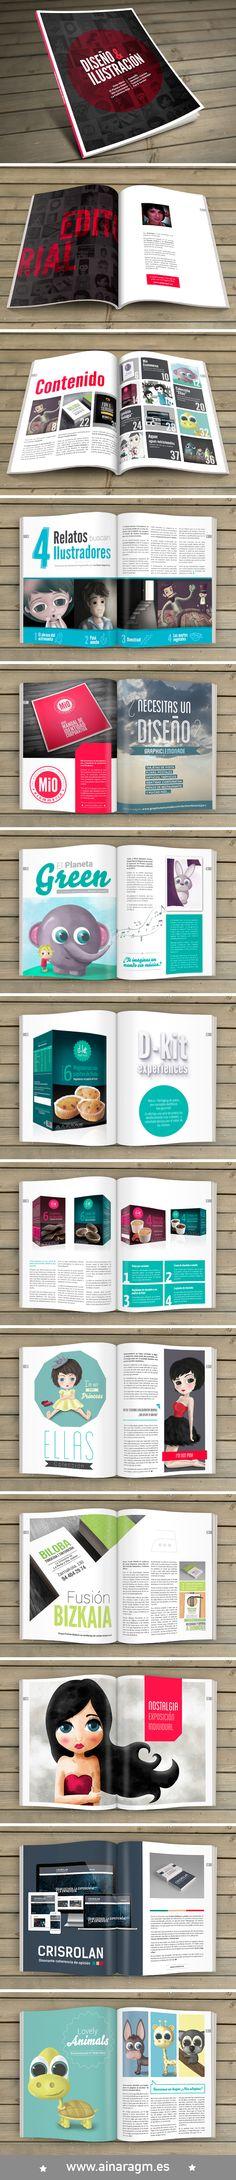 Diseño de revista para mostrar mi portfolio                              …